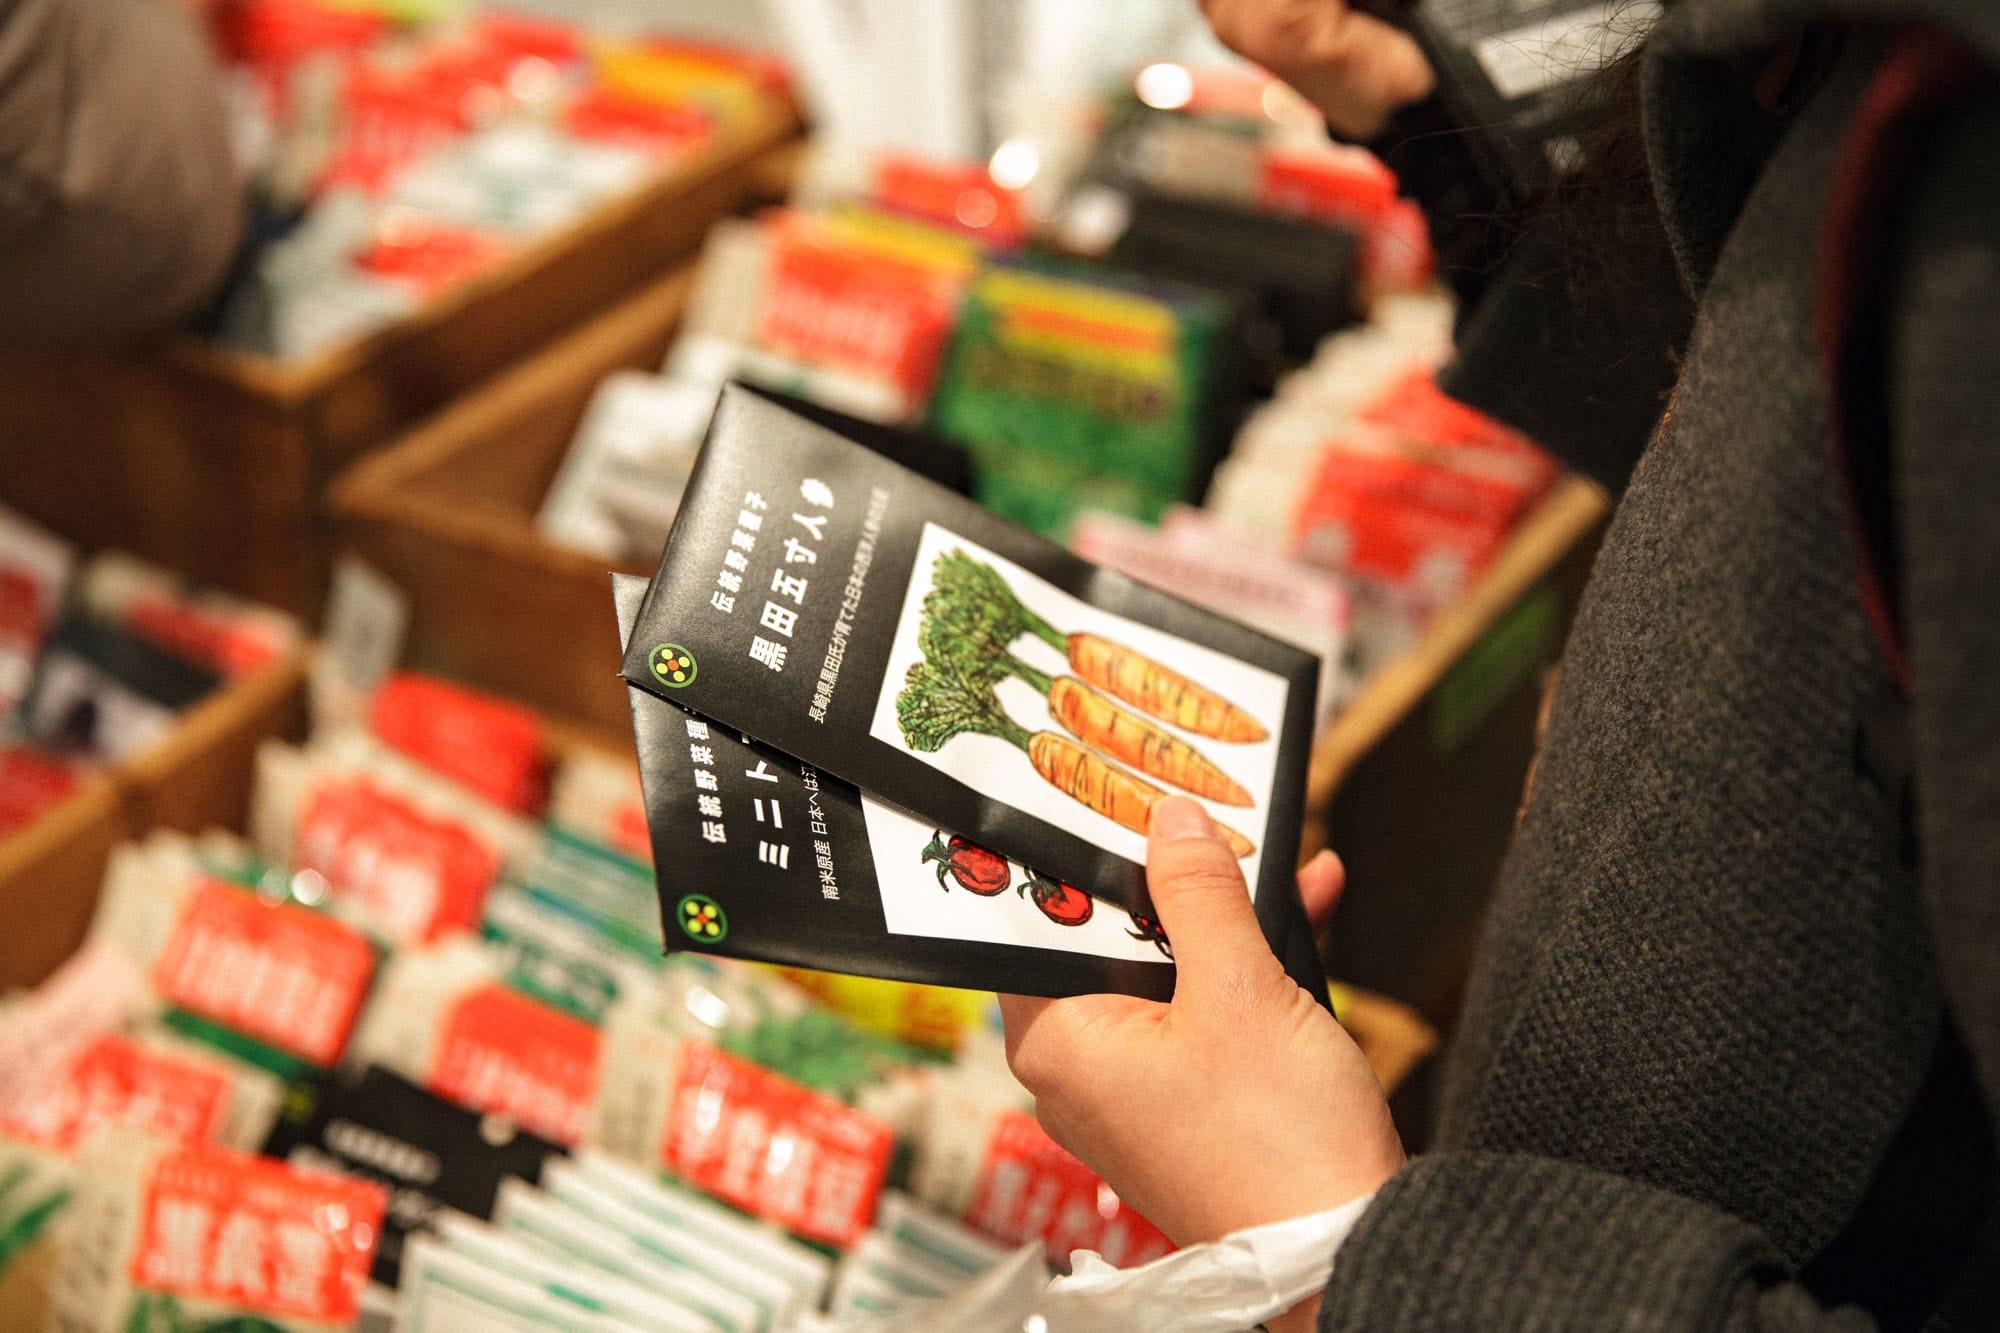 イベントでは、若手の種採り農家たちの野菜が買えるマーケットと、料理家や人気パン店によるフードの提供もあり、普段なかなか手に入れることのできない古来種の野菜が食べられる貴重な機会に。「ただのファーマーズマーケットと違って、種を守ろうとする同志たちが集まる市なのです」と、種市の共同主宰者である高橋一也さん。